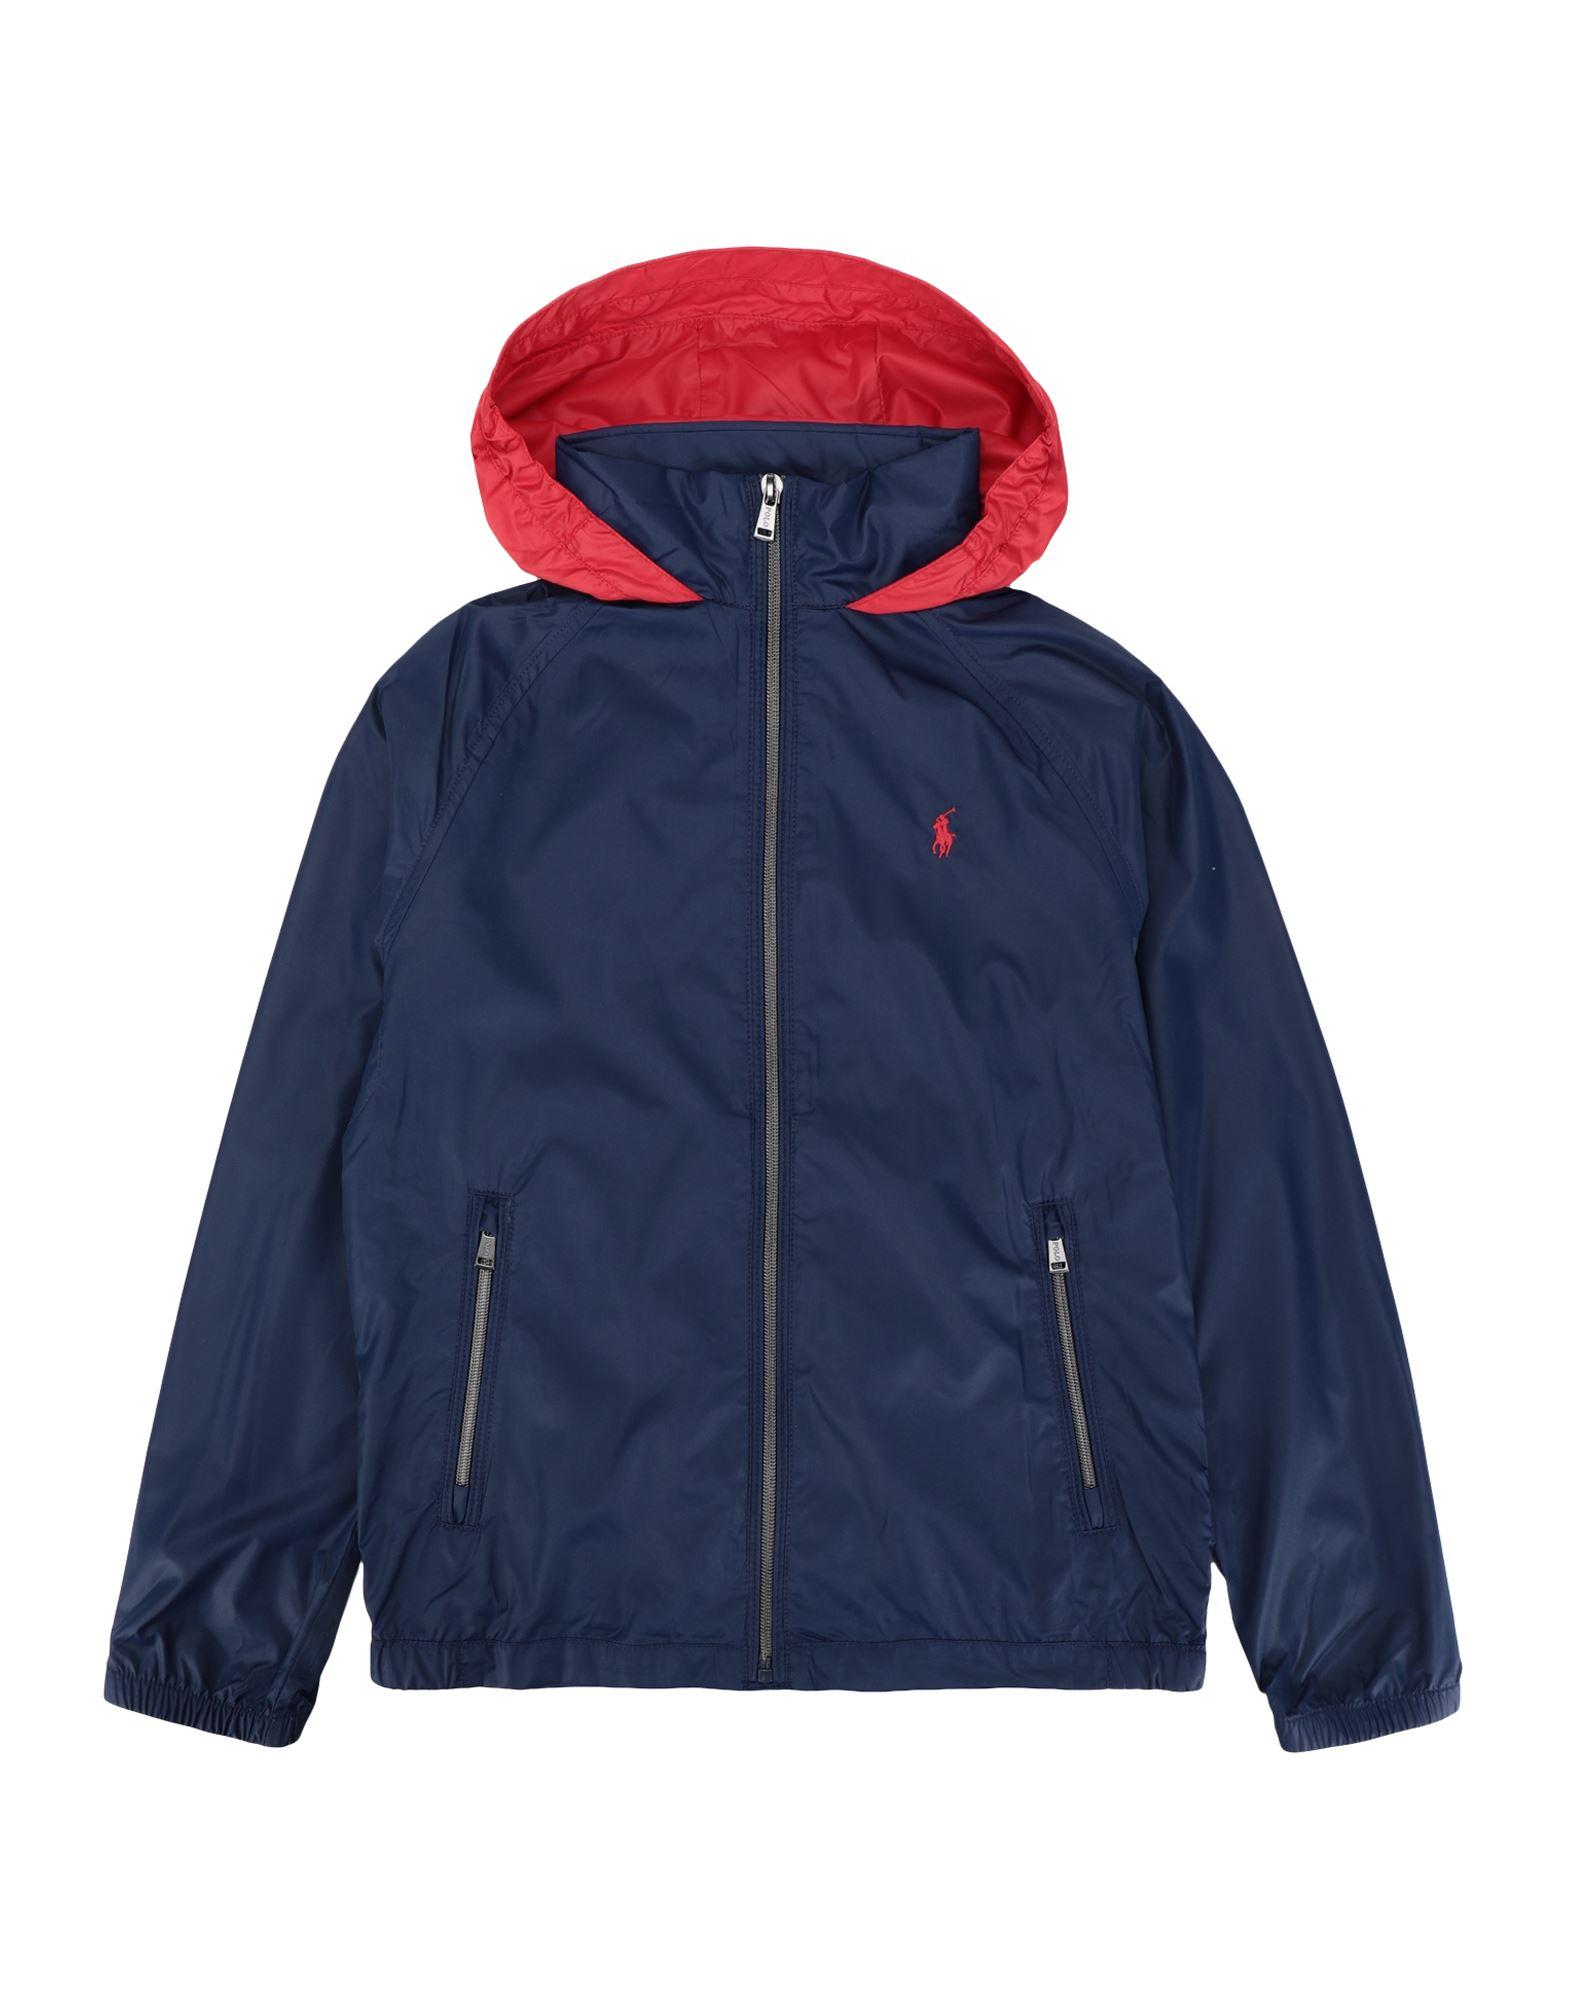 《セール開催中》RALPH LAUREN ボーイズ 9-16 歳 ブルゾン ダークブルー 14 ポリエステル 100% Water-Resistant Packable Hooded Jacket